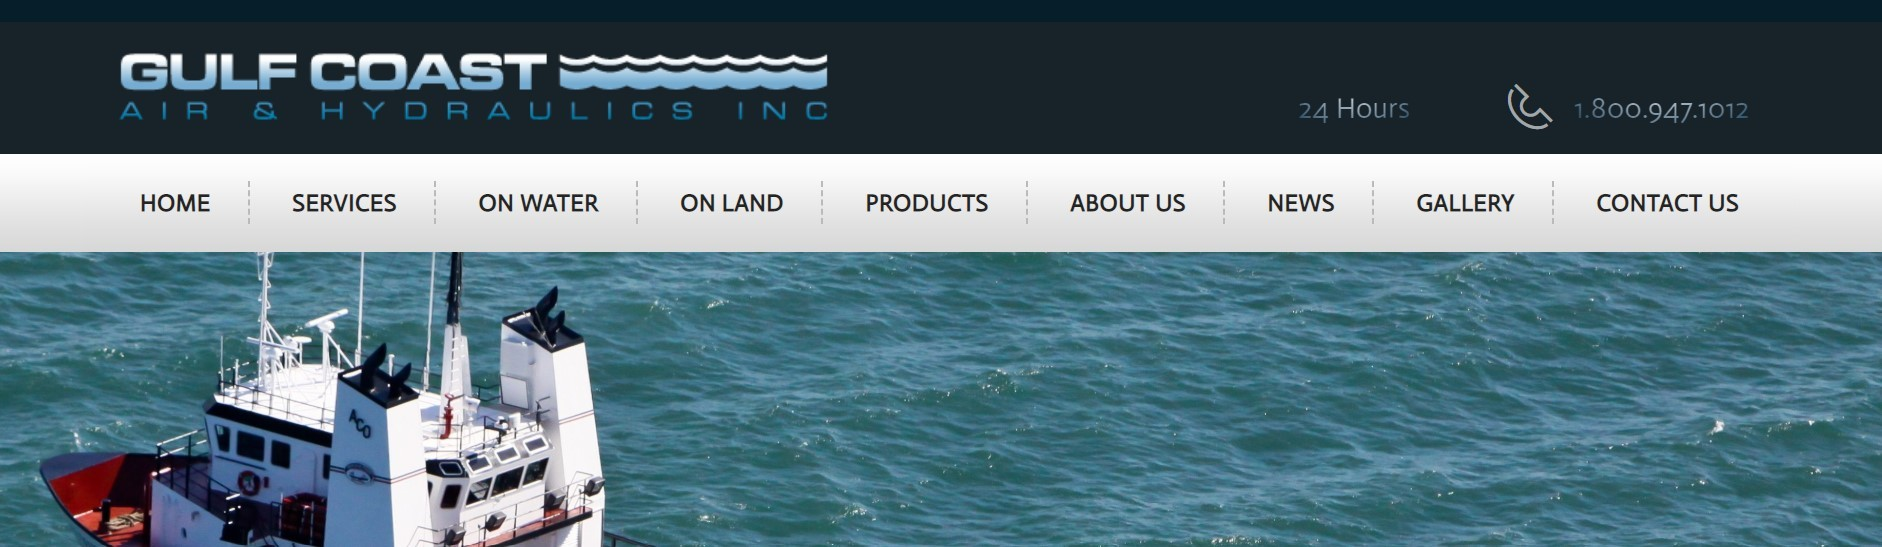 Gulf Coast Air & Hydraulics, Inc  | LinkedIn